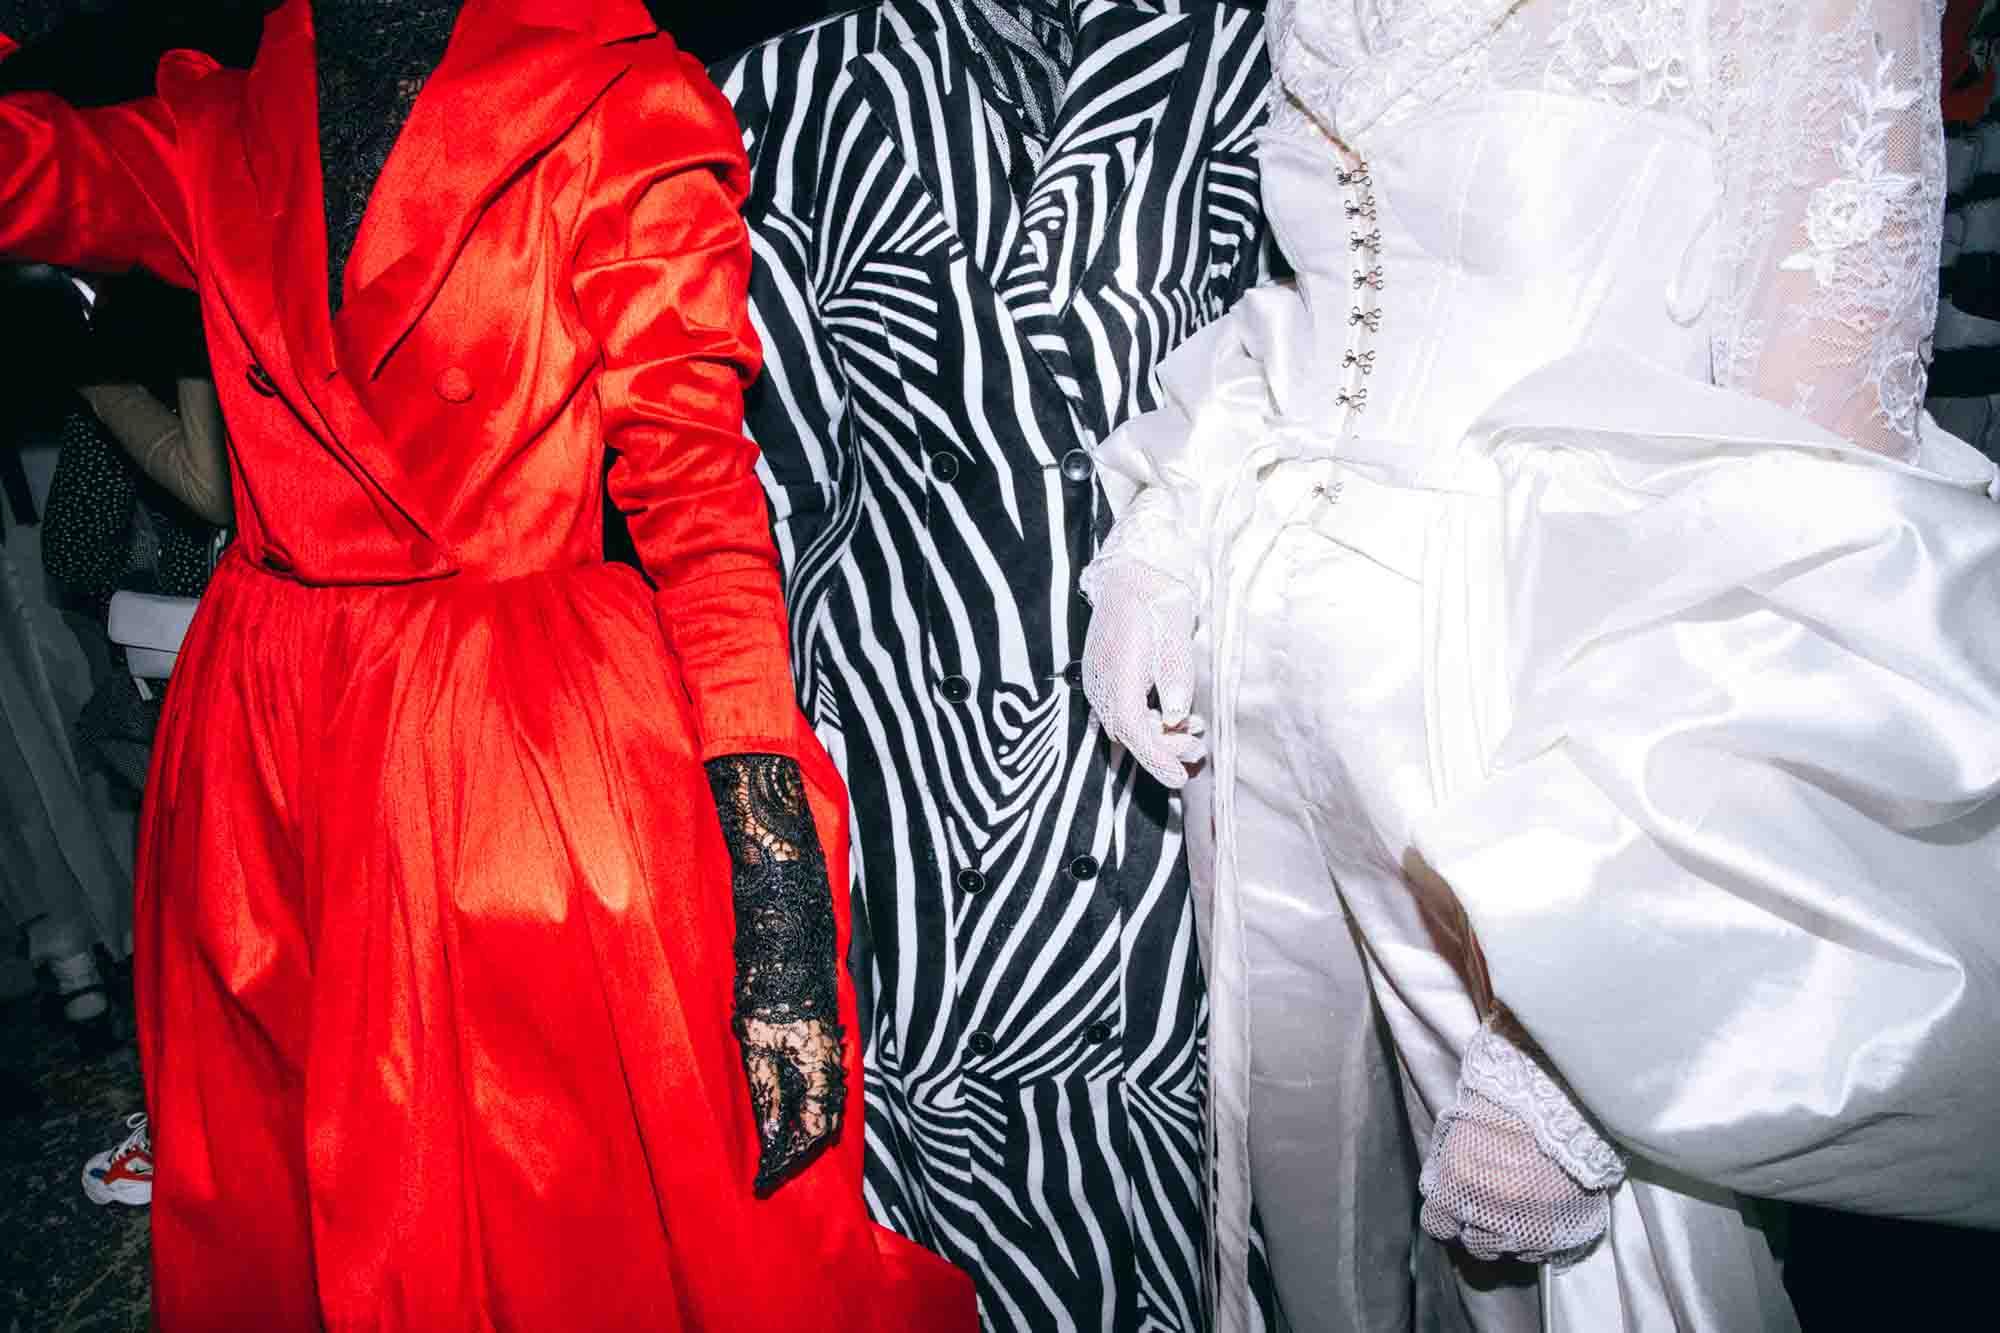 אופנה, חדשות אופנה, כתבות אפנה, שנקר 2019, צילום עדי סגל, טל מדינה, Backstage_at_Shenkar_fashion_show_2019._Photo_Adi_Segal_-_Tal_Medina_collection_(1) - 12